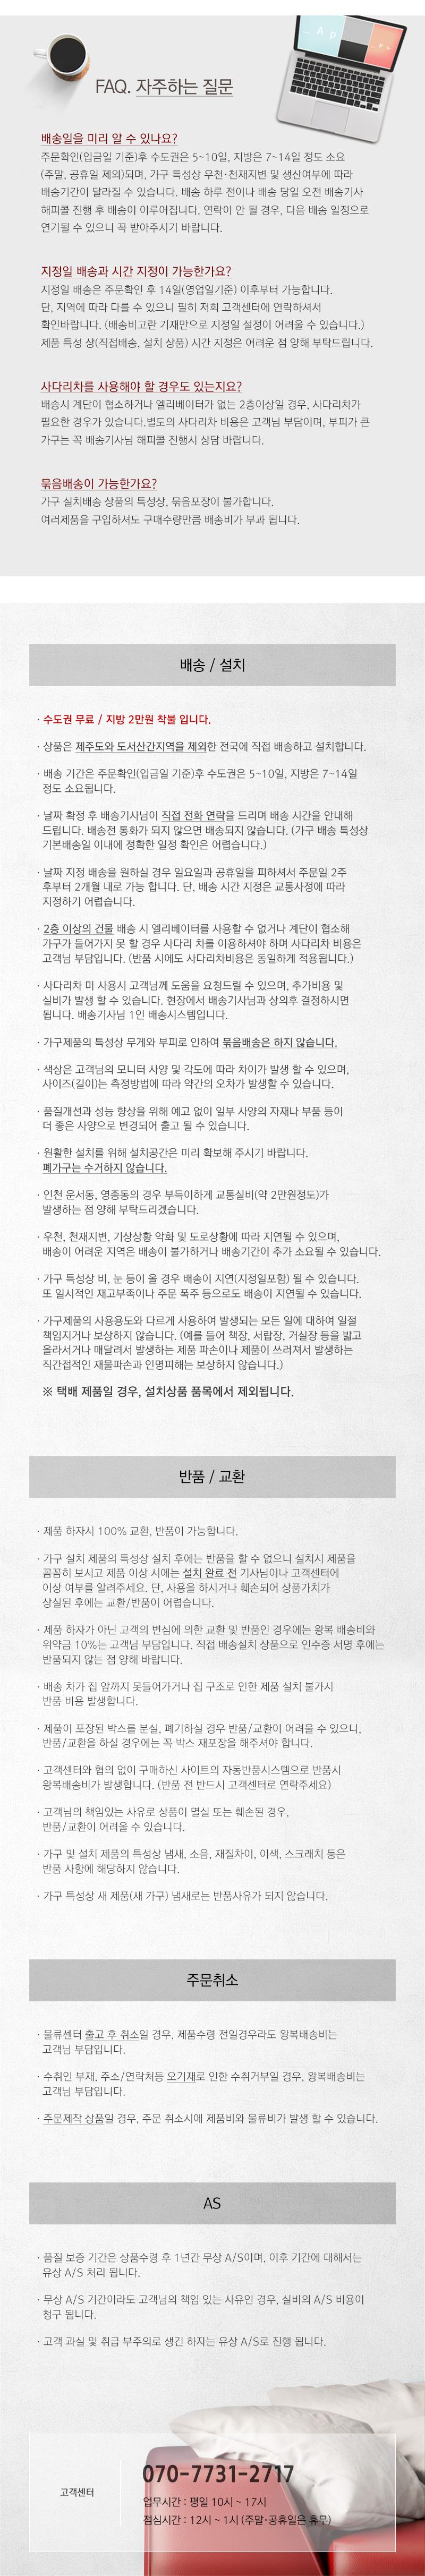 프리모 원목 싱글 5단 서랍장 - 인우드, 362,900원, 협탁/서랍장, 서랍장